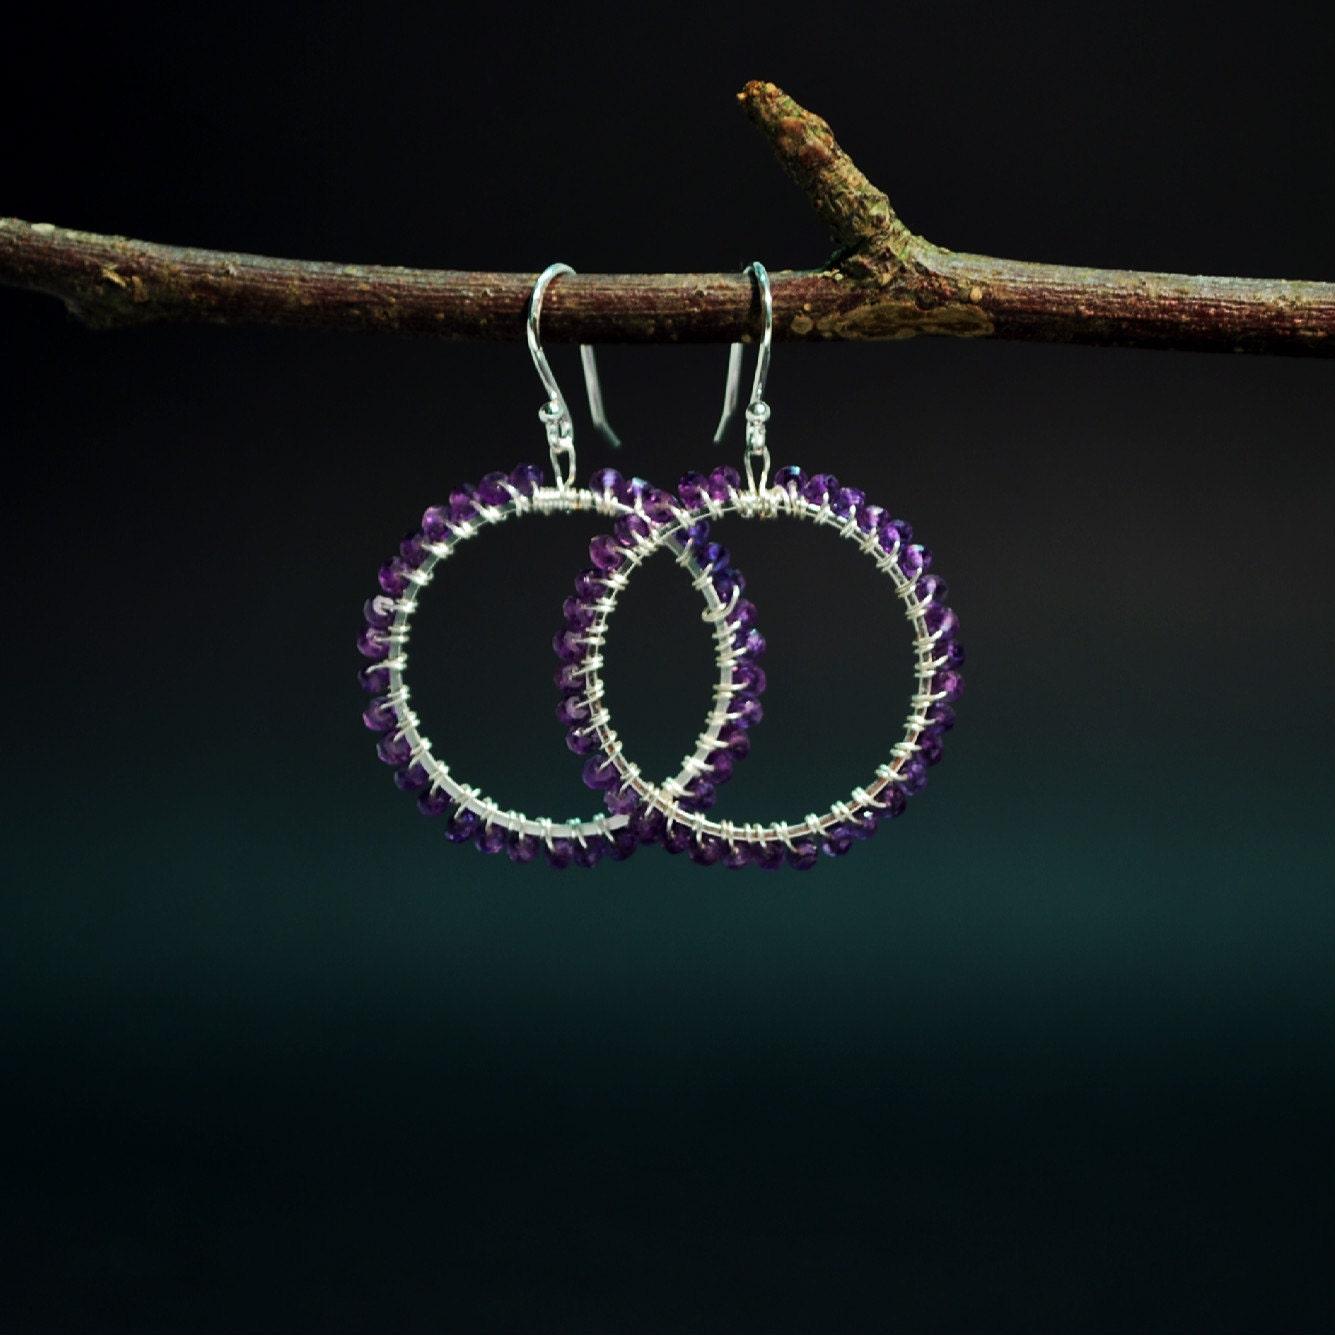 Handmade amethyst hoop earrings